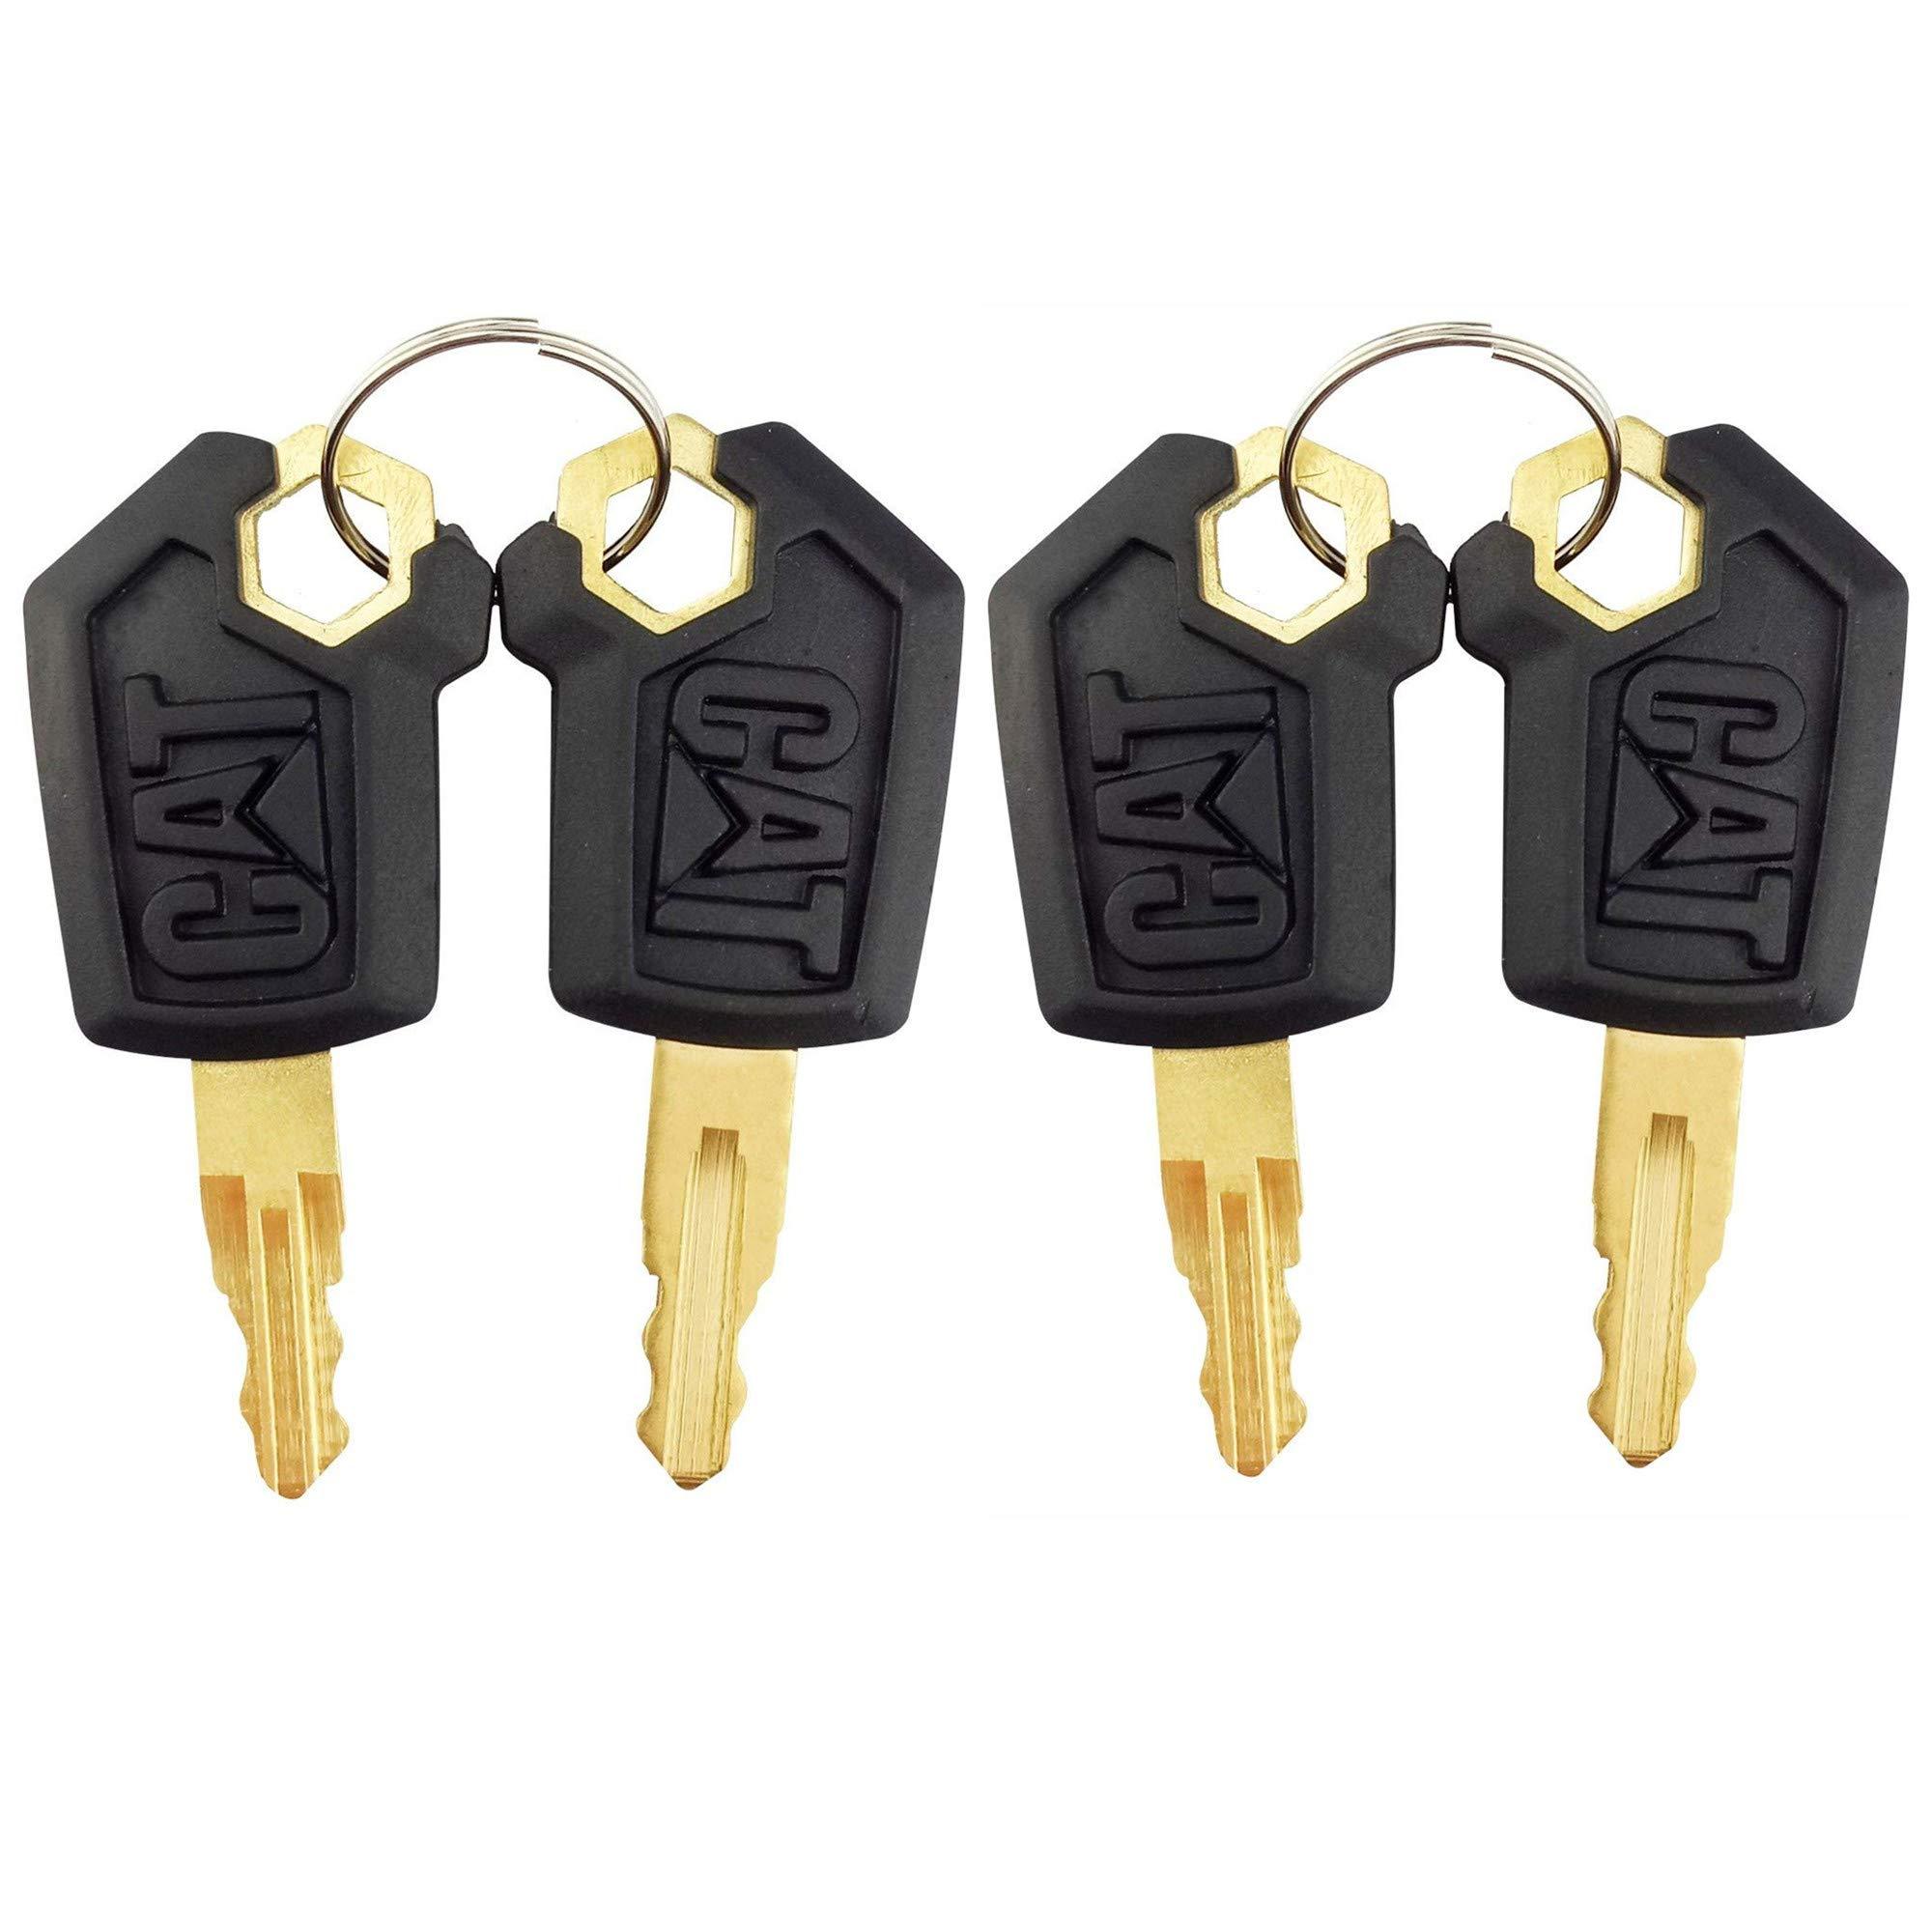 Keys for CAT Caterpillar Heavy Equipment 4 Pack